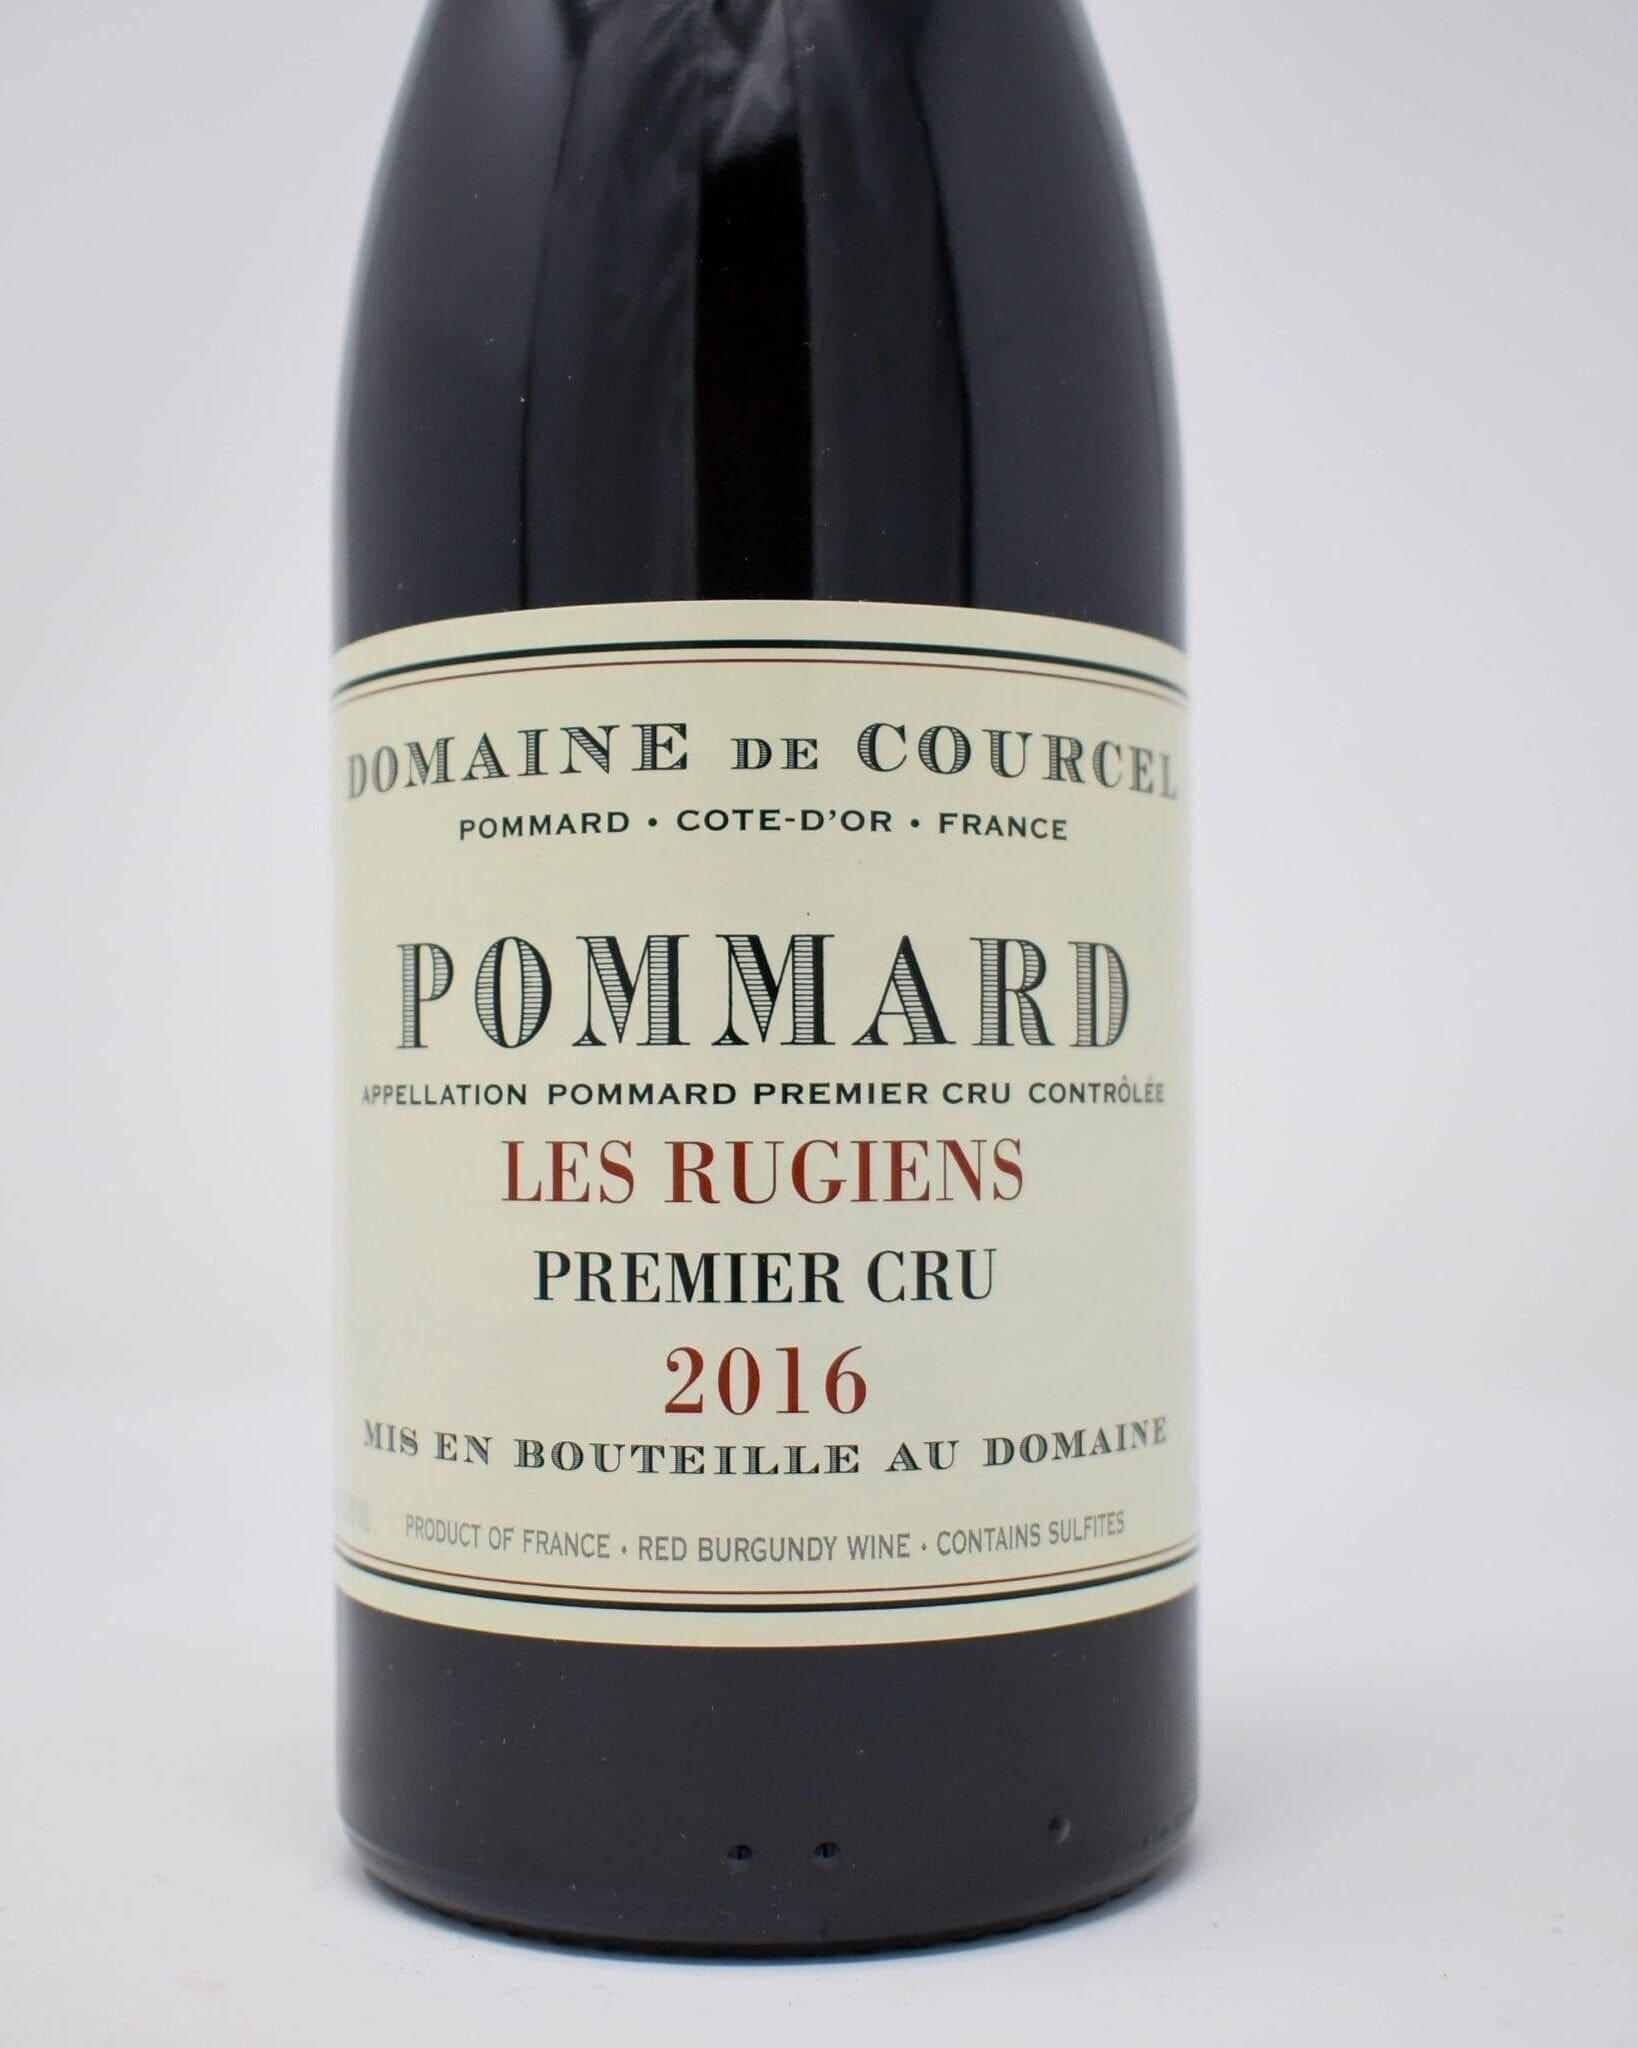 Domaine de Courcel, Pommard, Les Rugiens, Premier Cru Burgundy